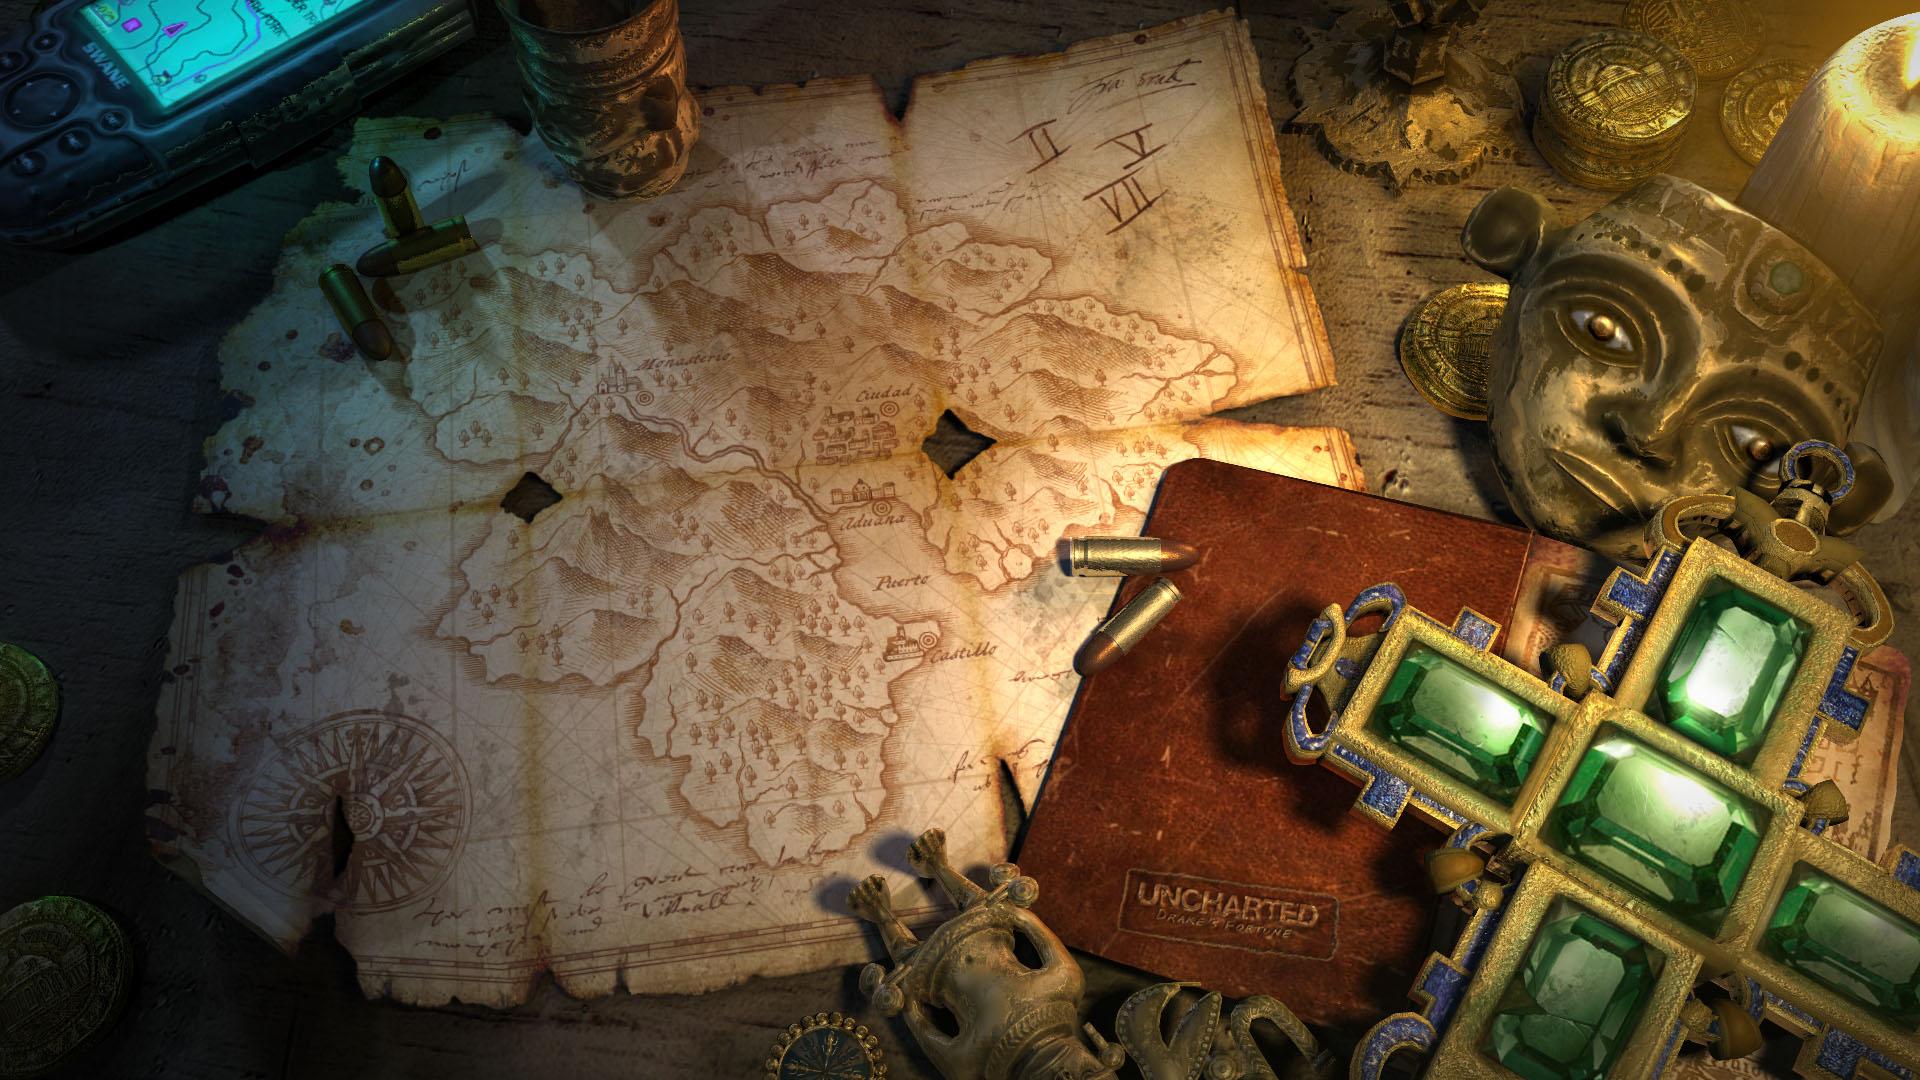 Maps Uncharted Nathan Drake treasure Playstation 3 ...